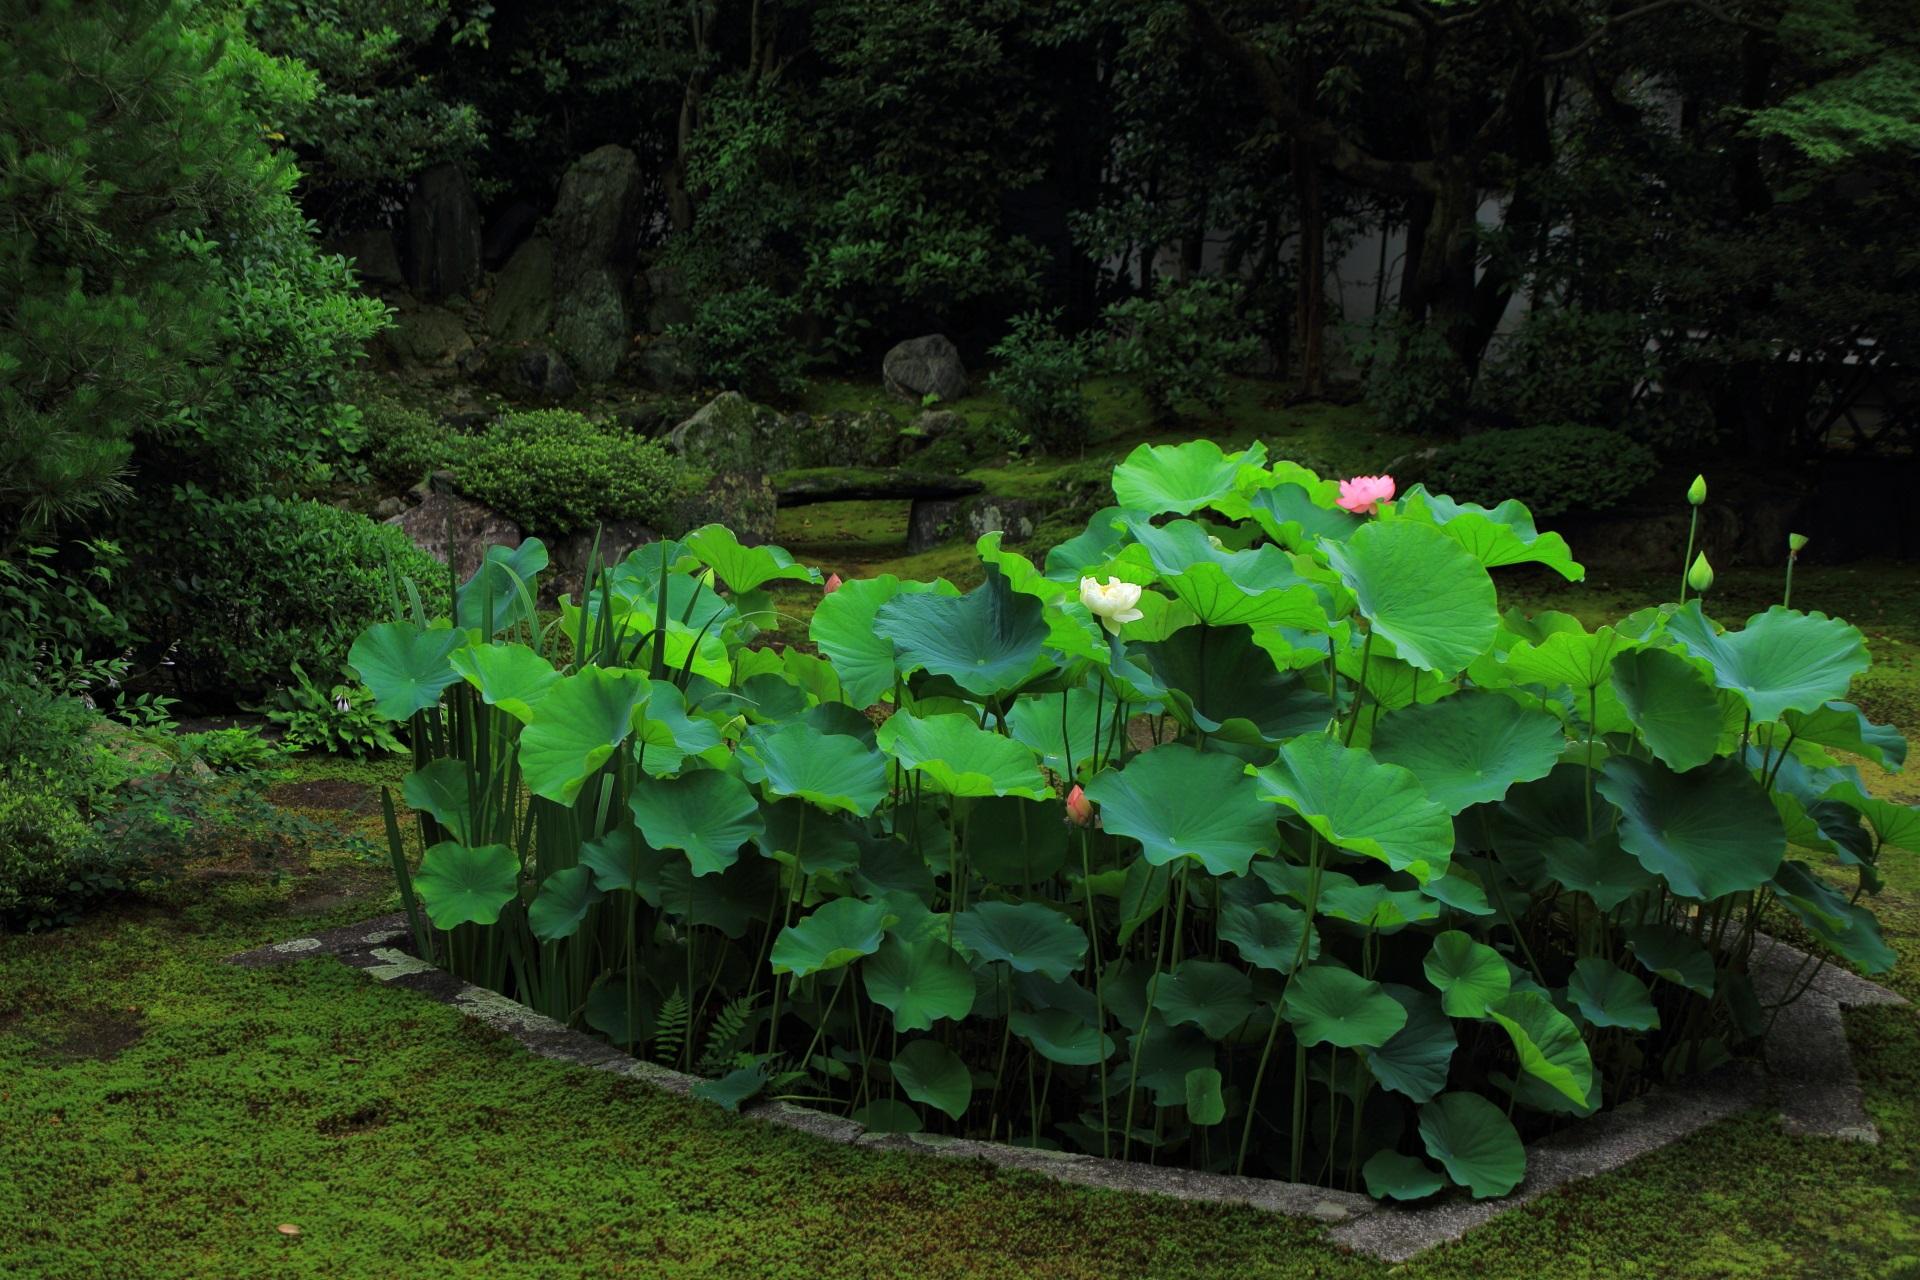 本法寺の素晴らしい庭園と蓮や夏の情景